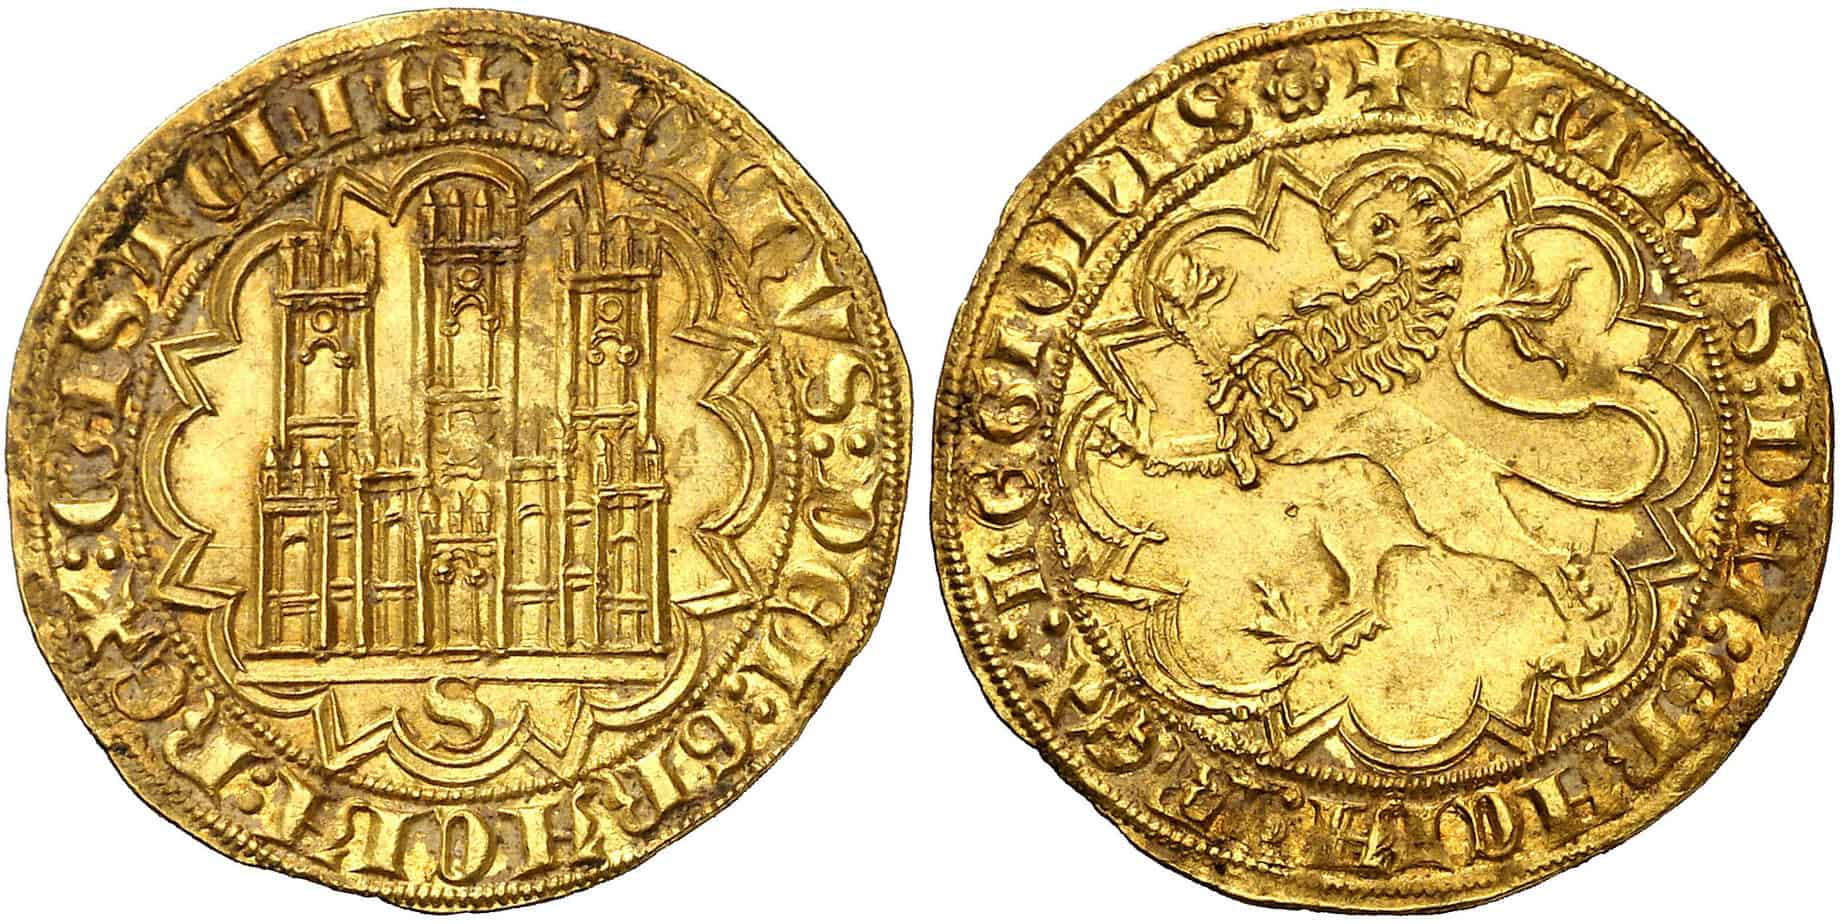 Imagen 3: Dobla de 35 maravedís de Pedro I